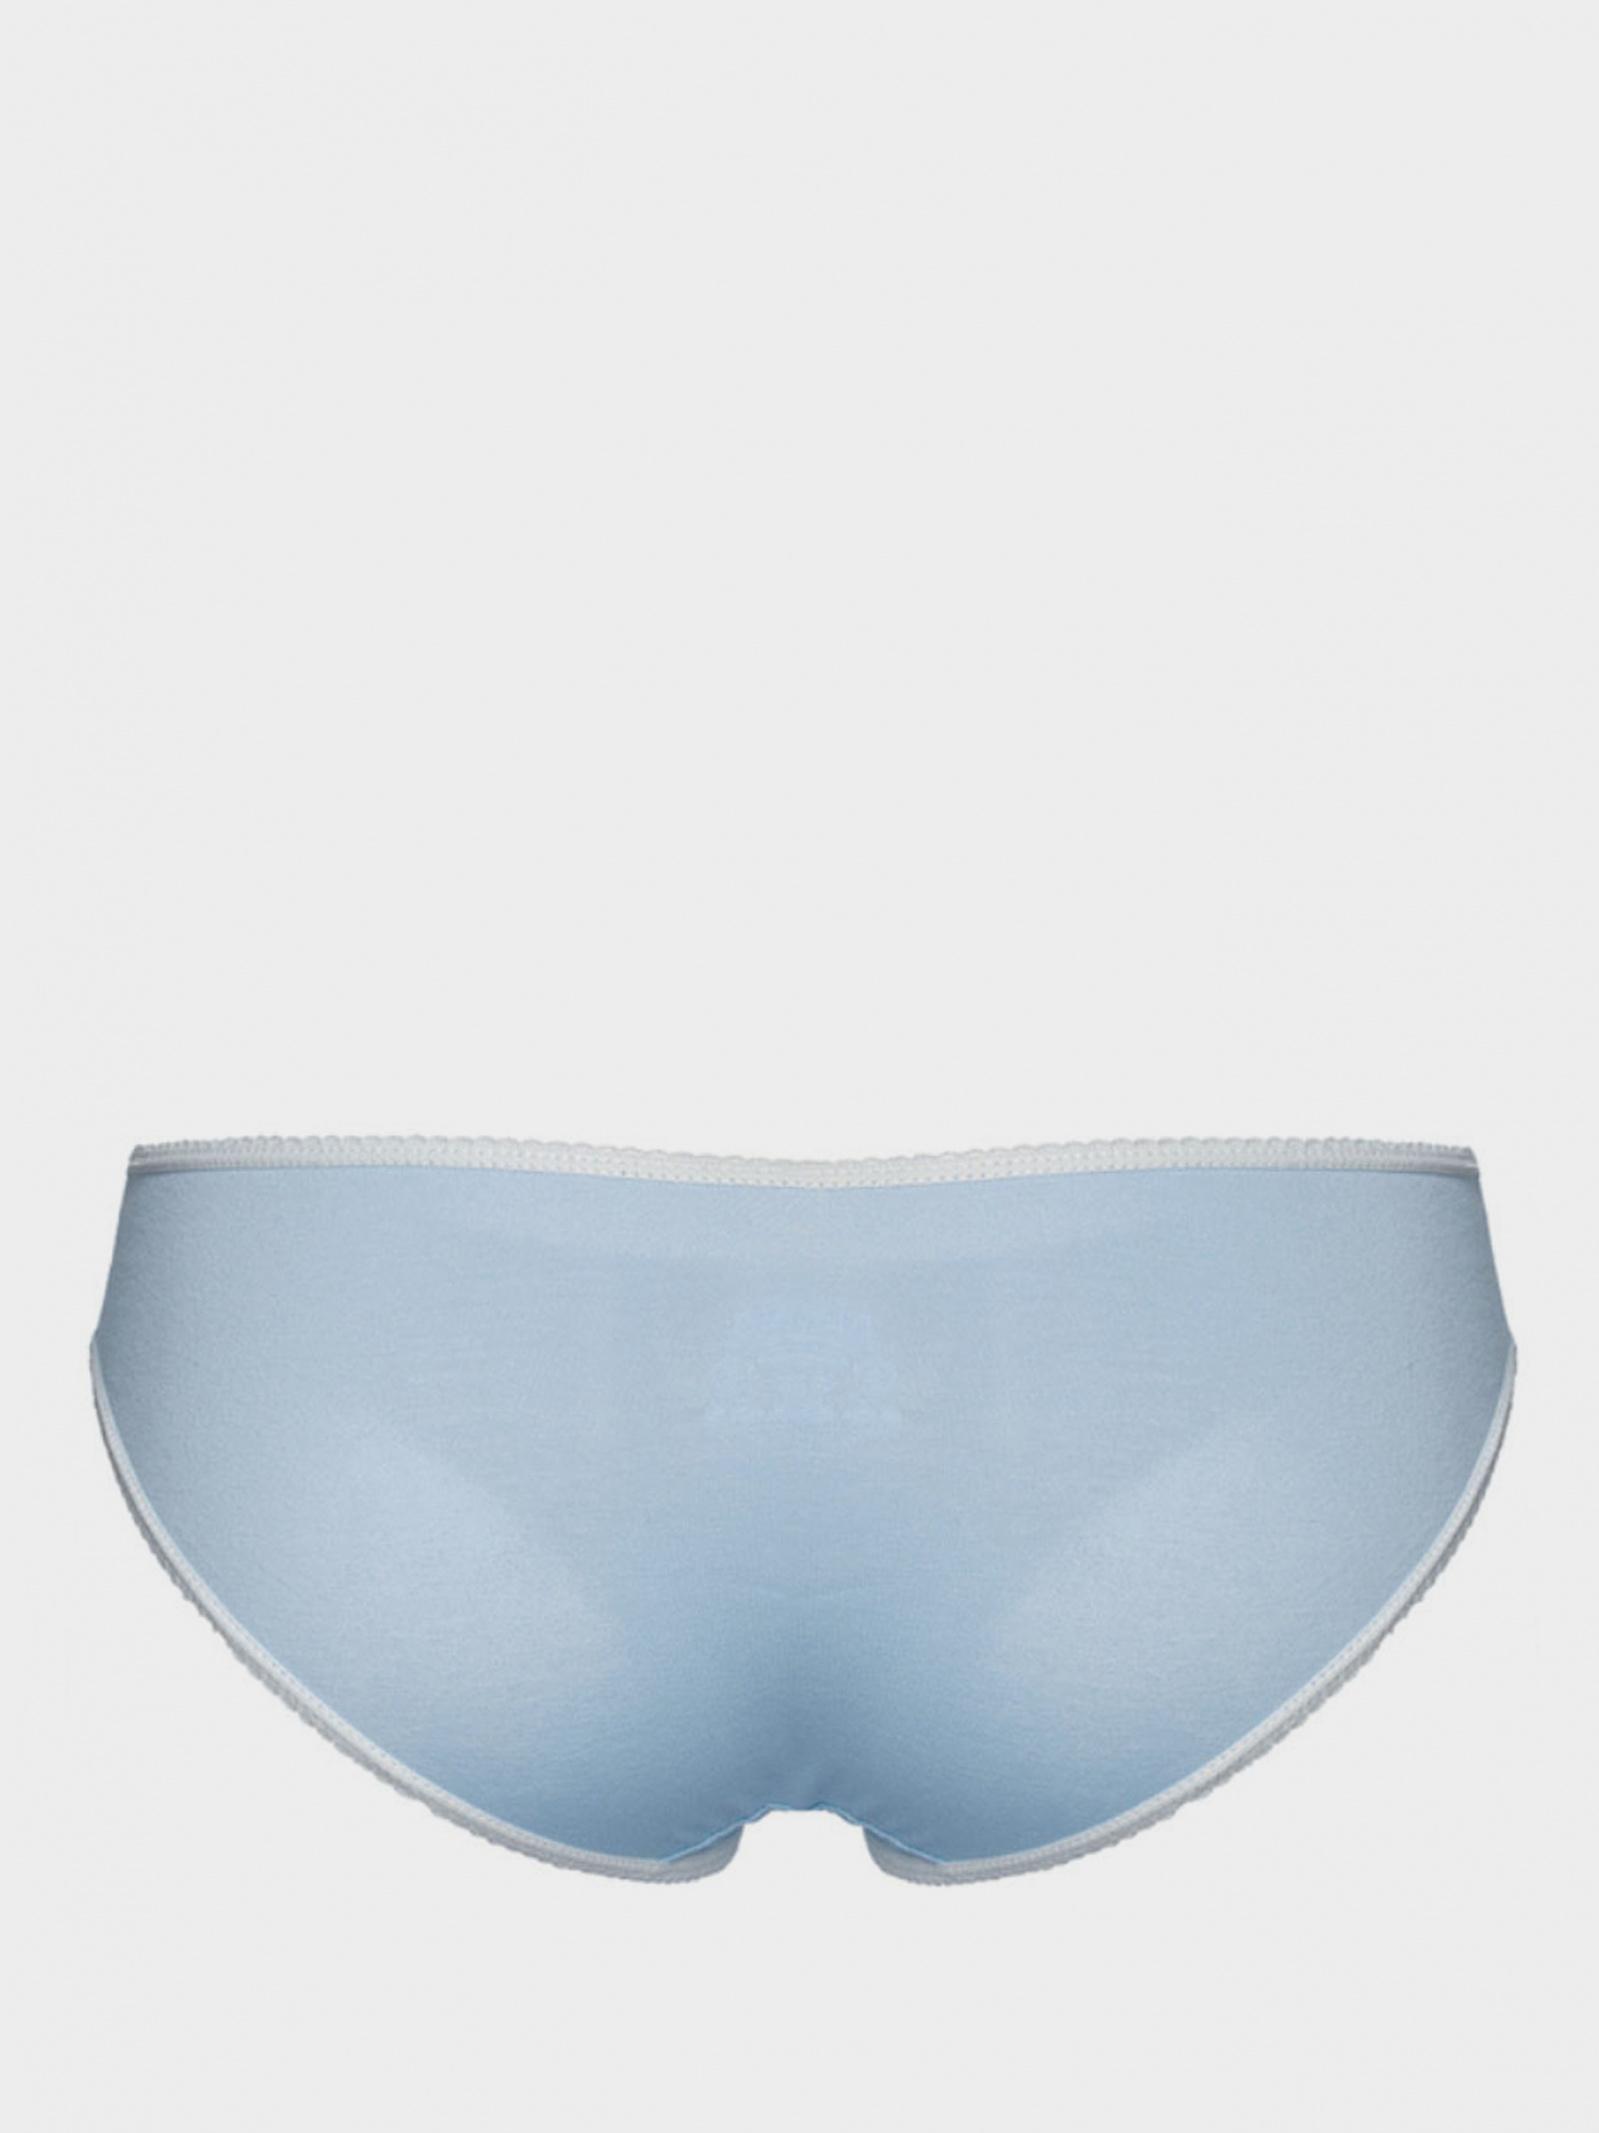 Promin Спідня білизна жіночі модель 2091-02 СВ.Блакитний , 2017